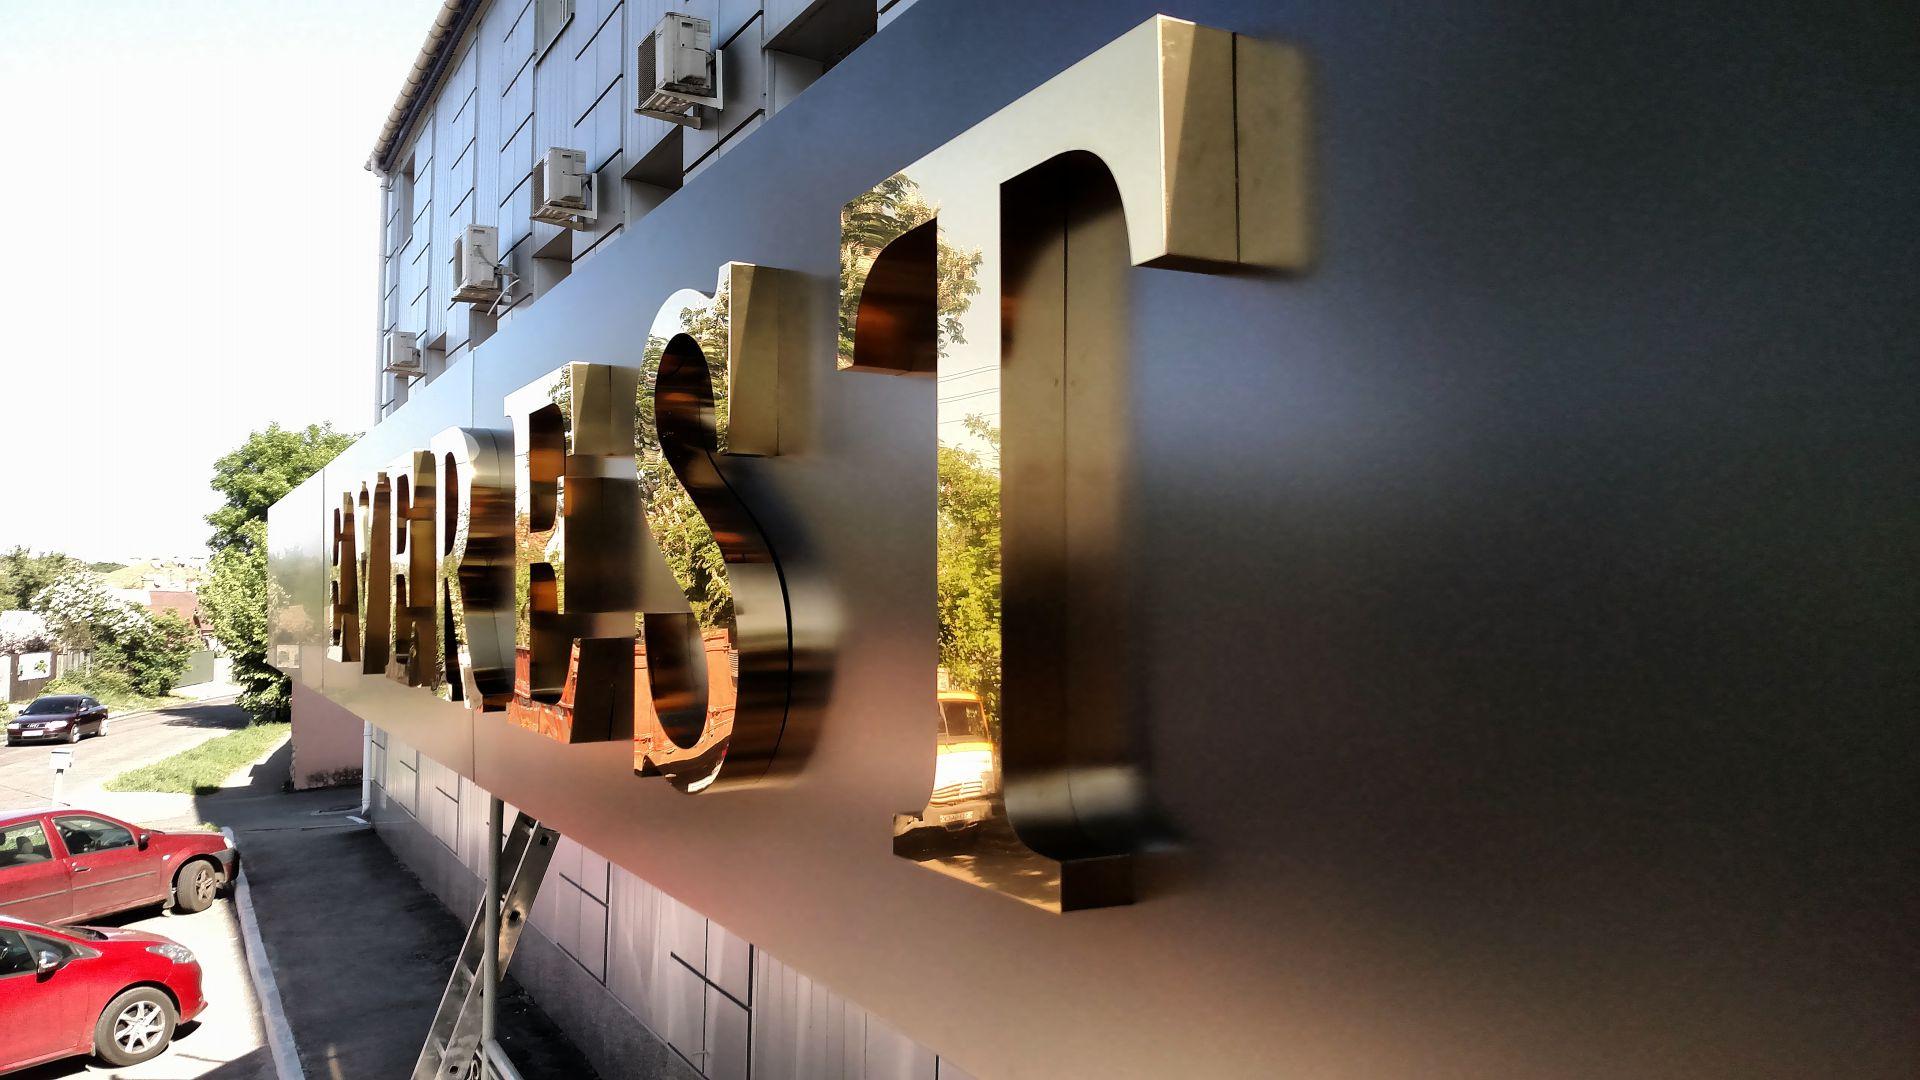 Наружная реклама всех видов, дизайн и монтаж: вывески, объемные буквы2